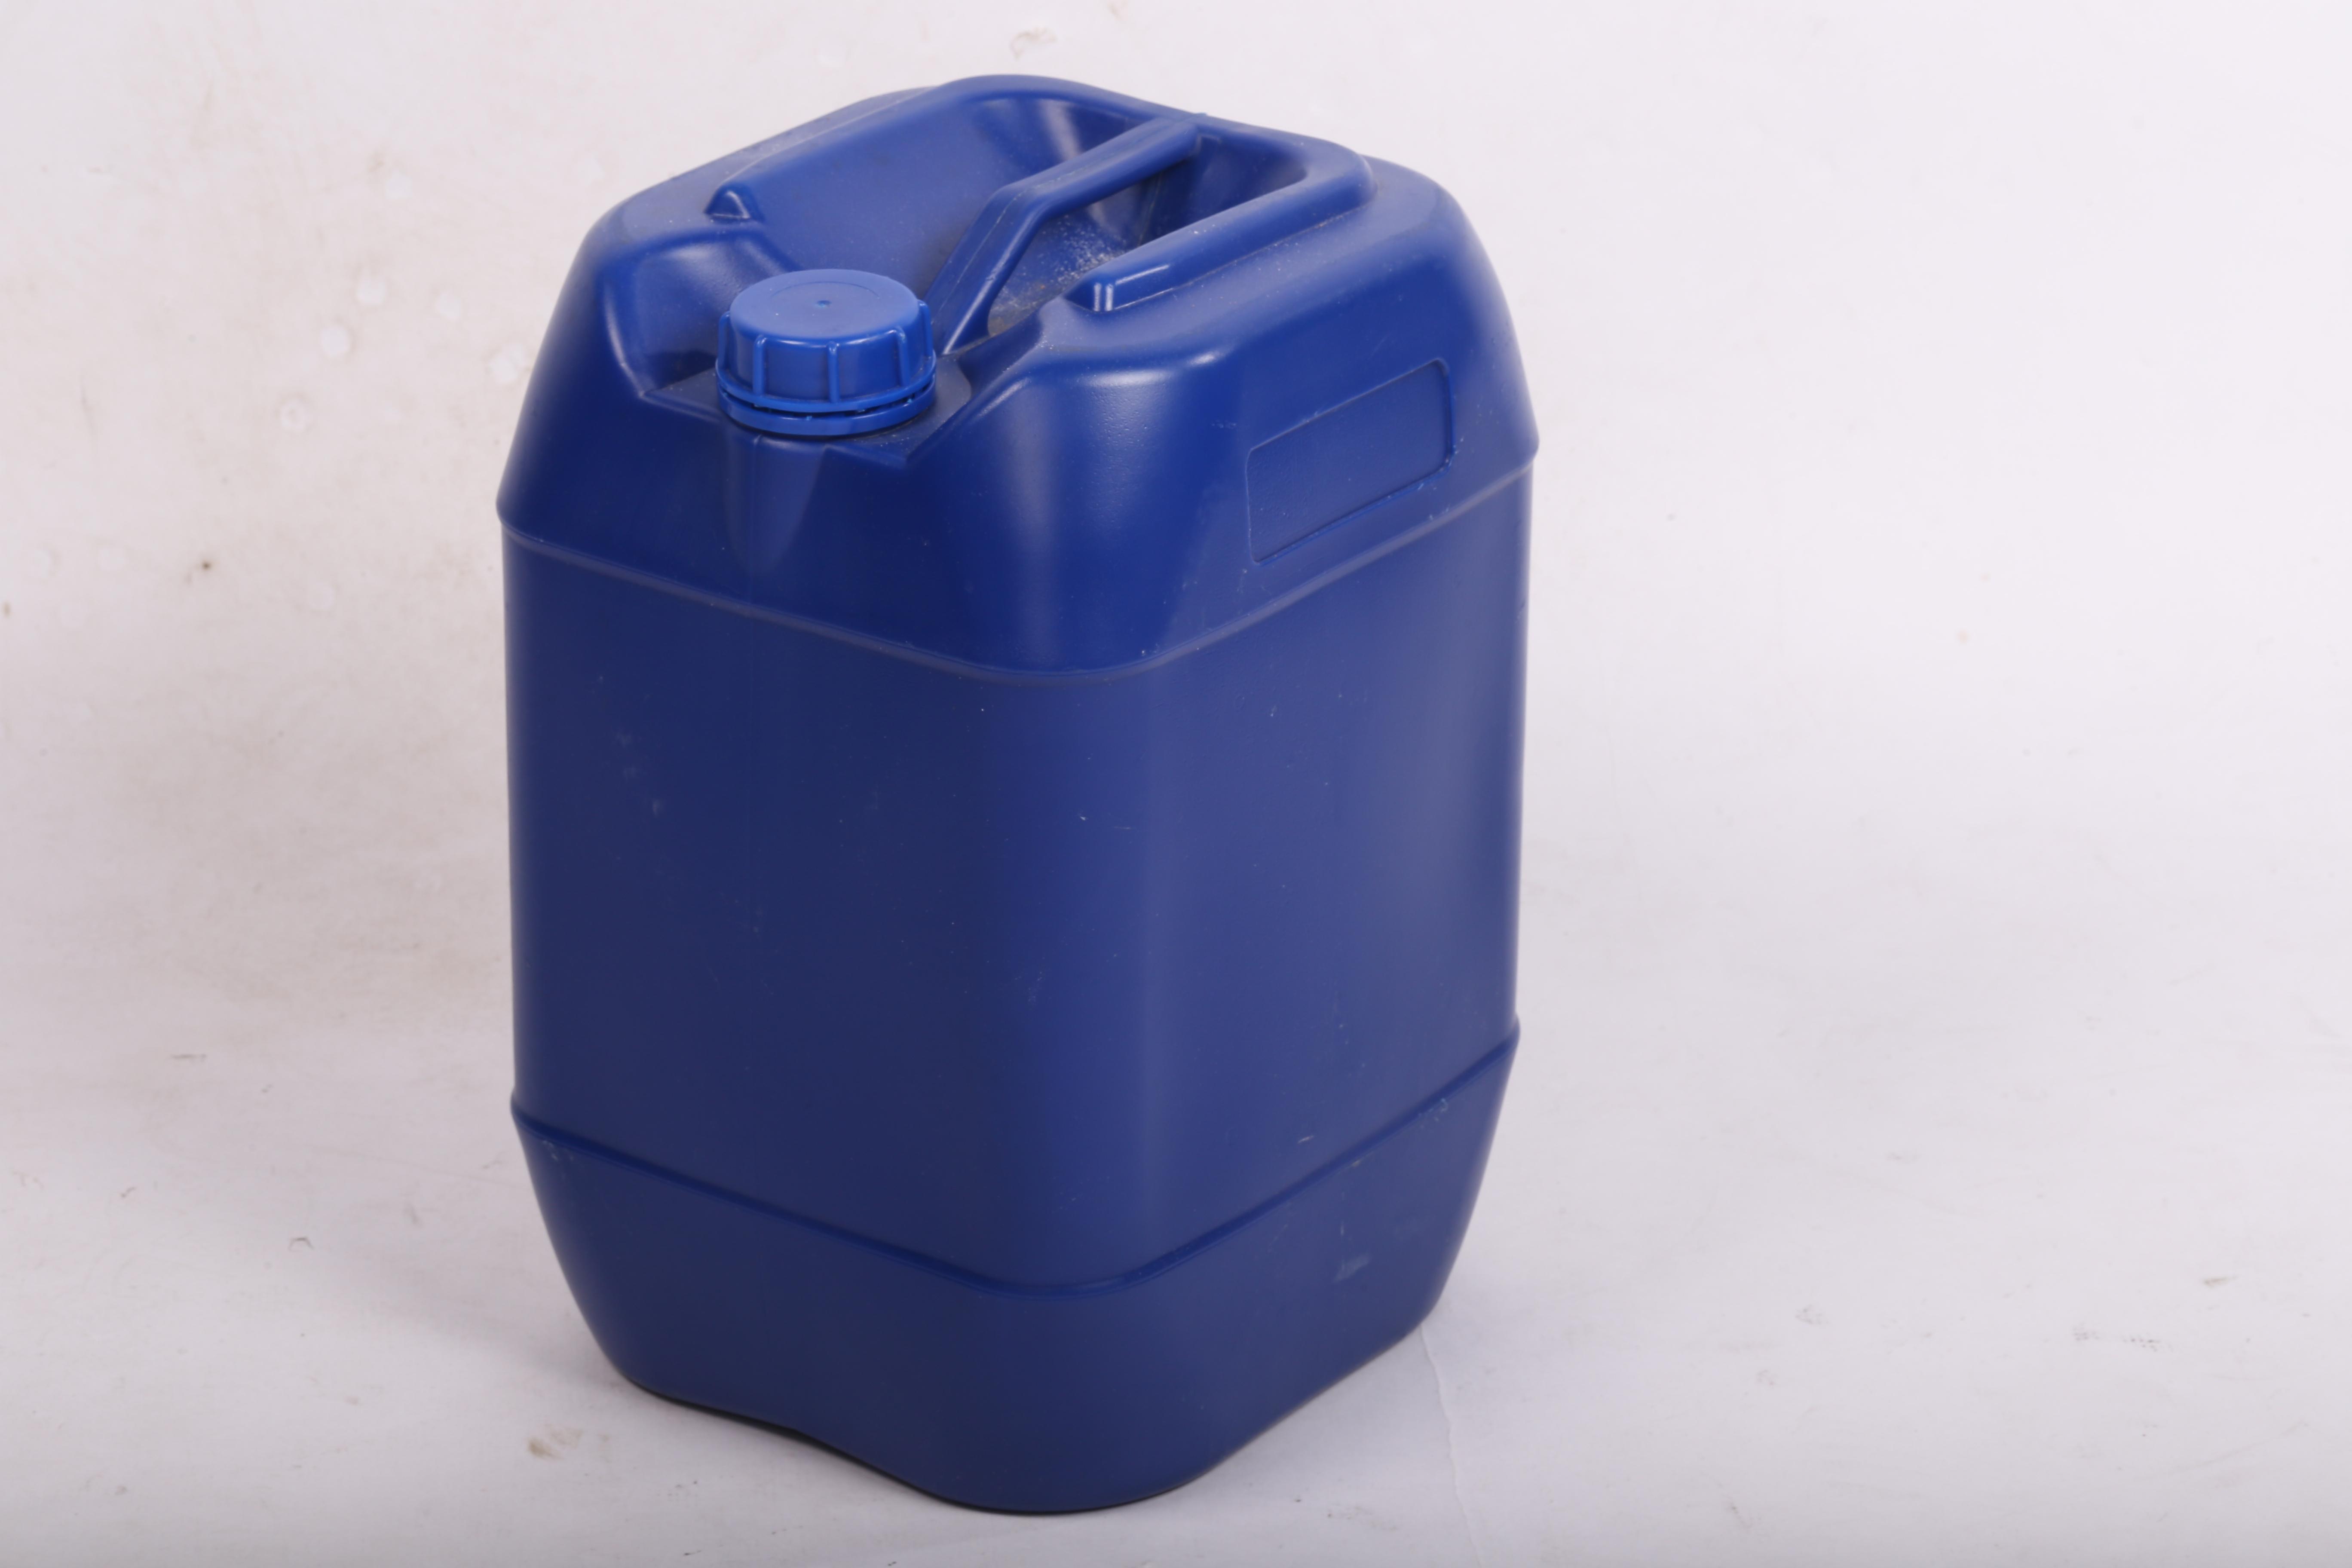 【厂家直销】消泡剂 有机硅聚醚 水处理 油墨厚浆消泡 消泡剂 聚醚